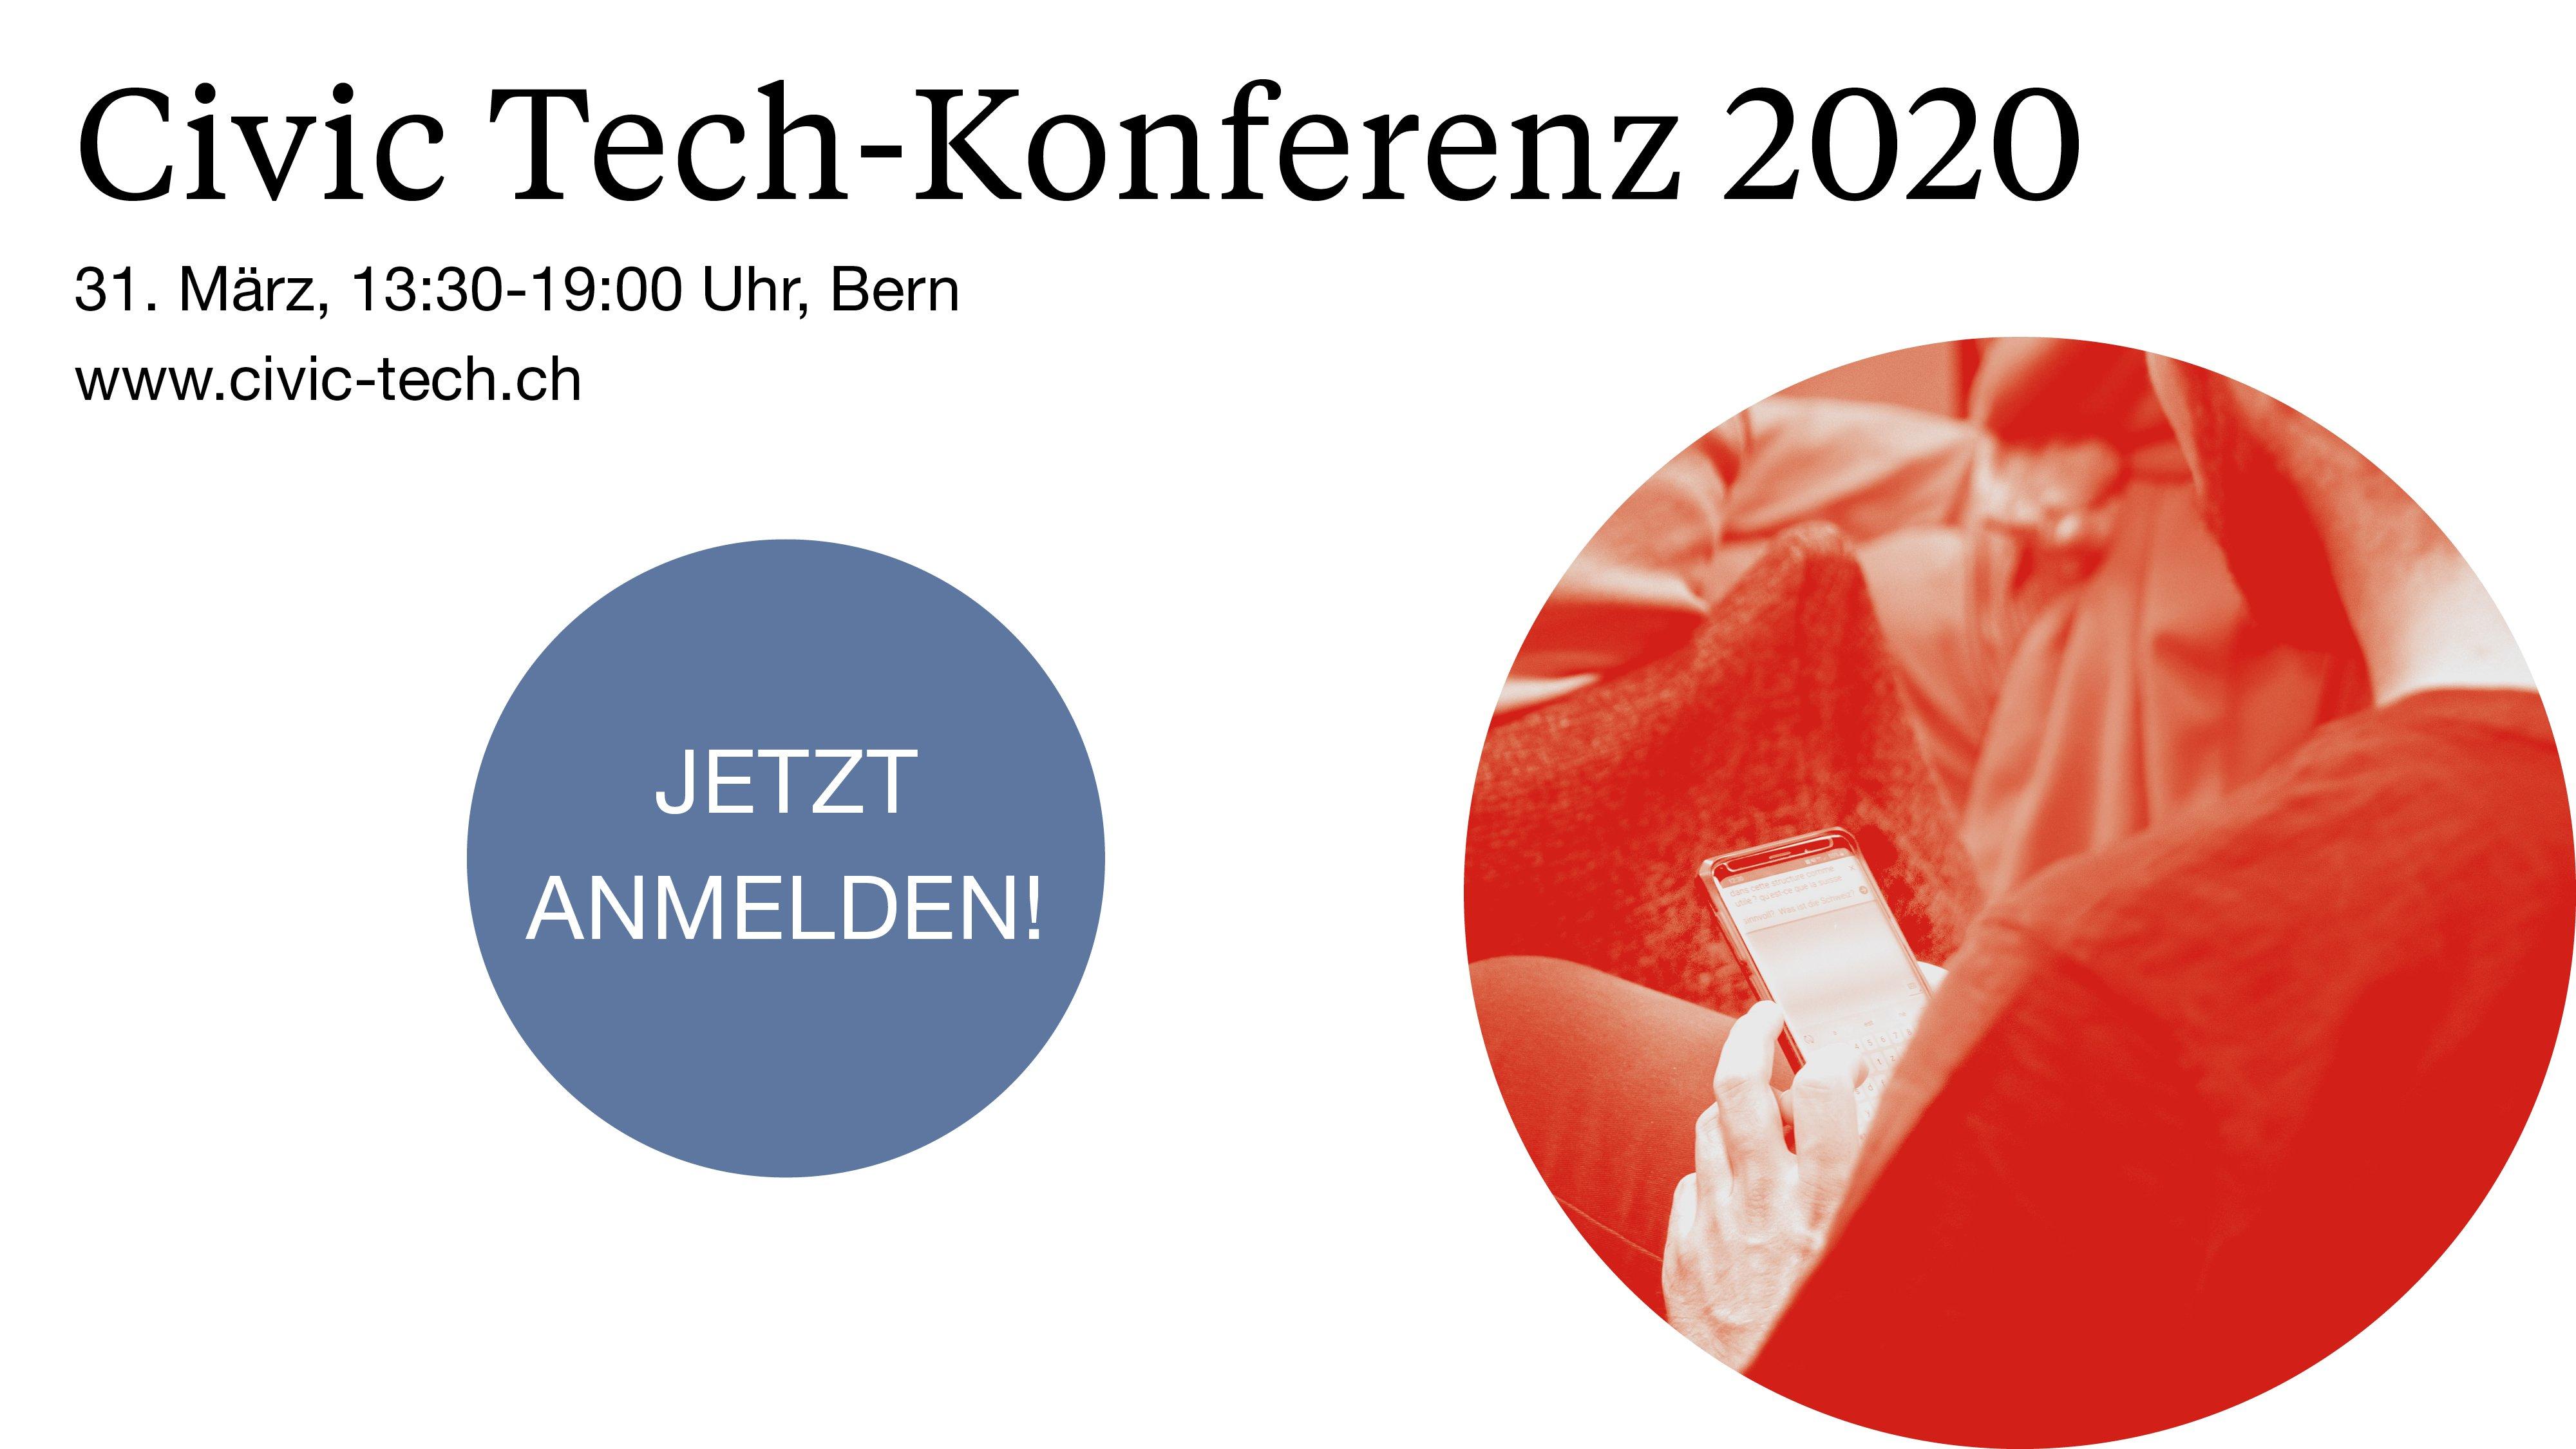 Civic Tech-Konferenz 2020